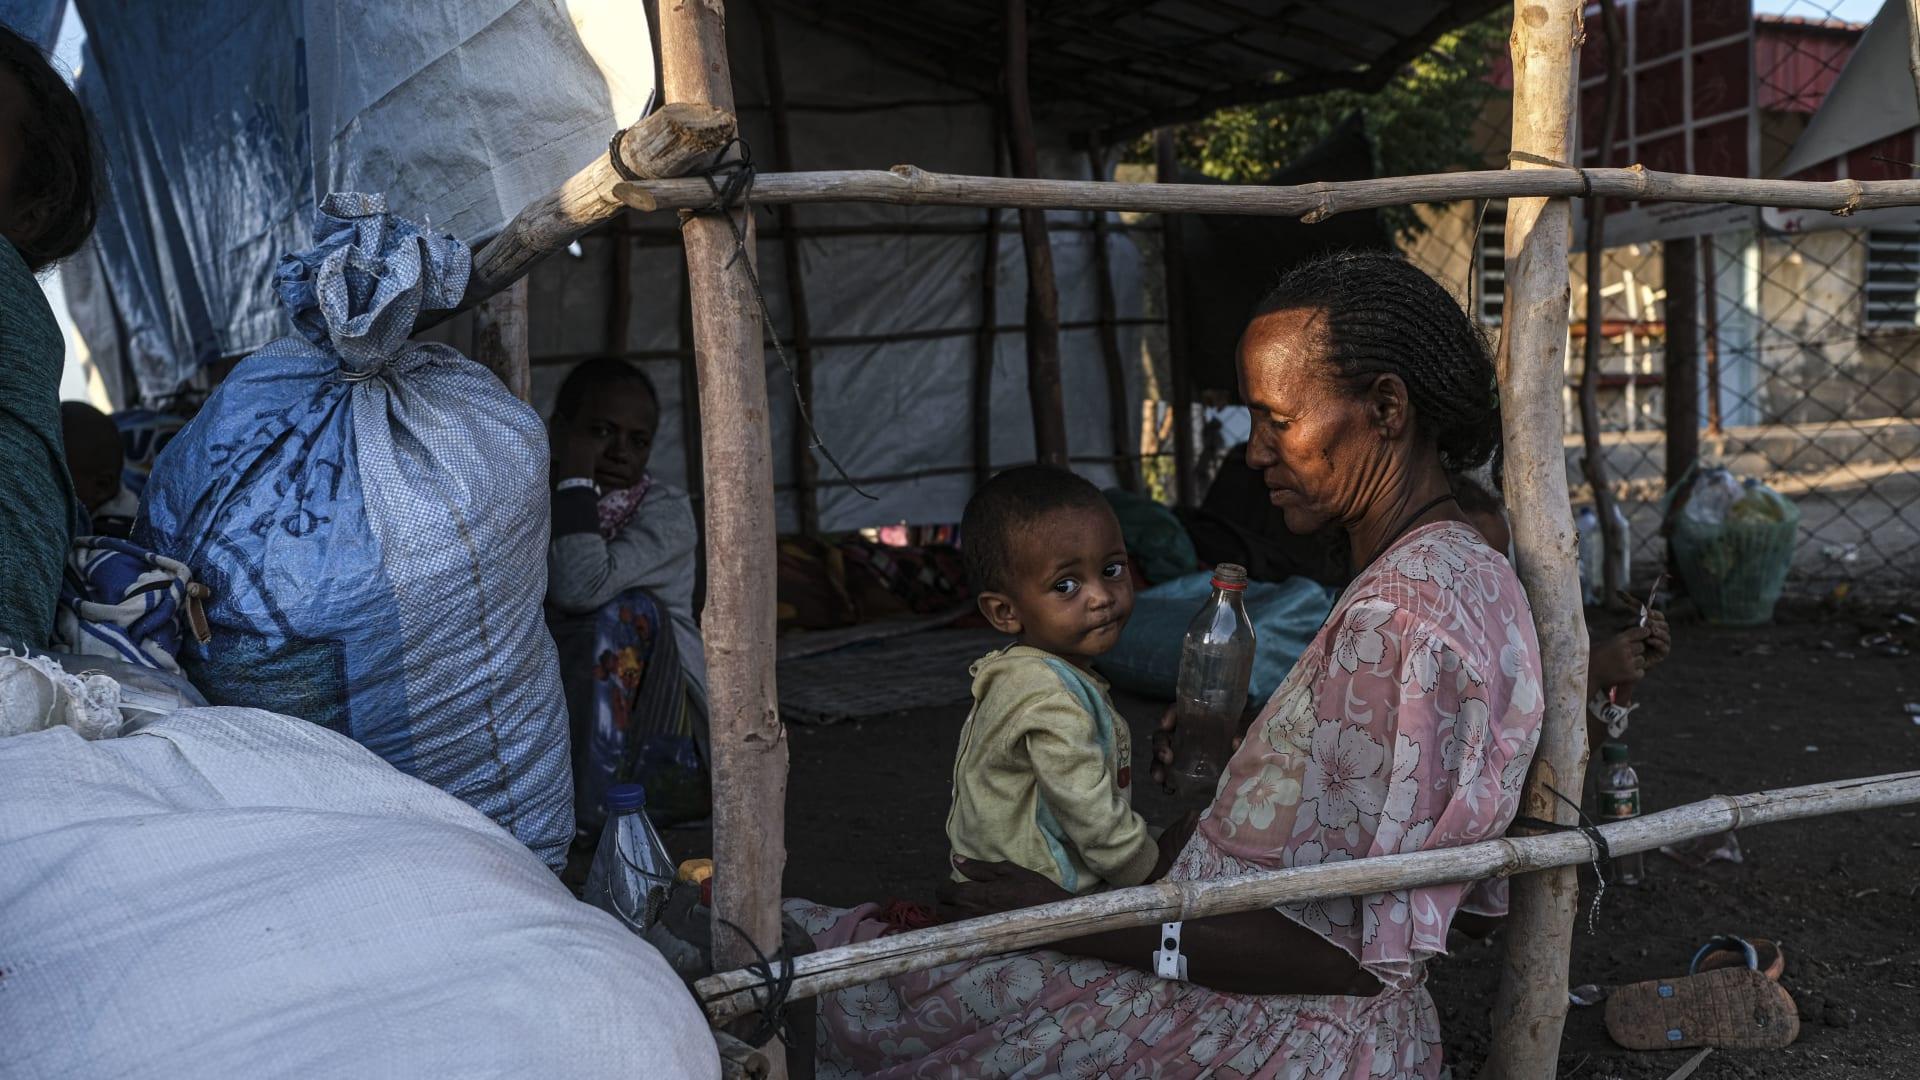 حمدايت، السودان - 5 ديسمبر 2020: لاجئون من منطقة تيغراي في إثيوبيا ينتظرون نقلهم إلى مخيم به المزيد من البنية التحتية في منطقة استقبال المفوضية